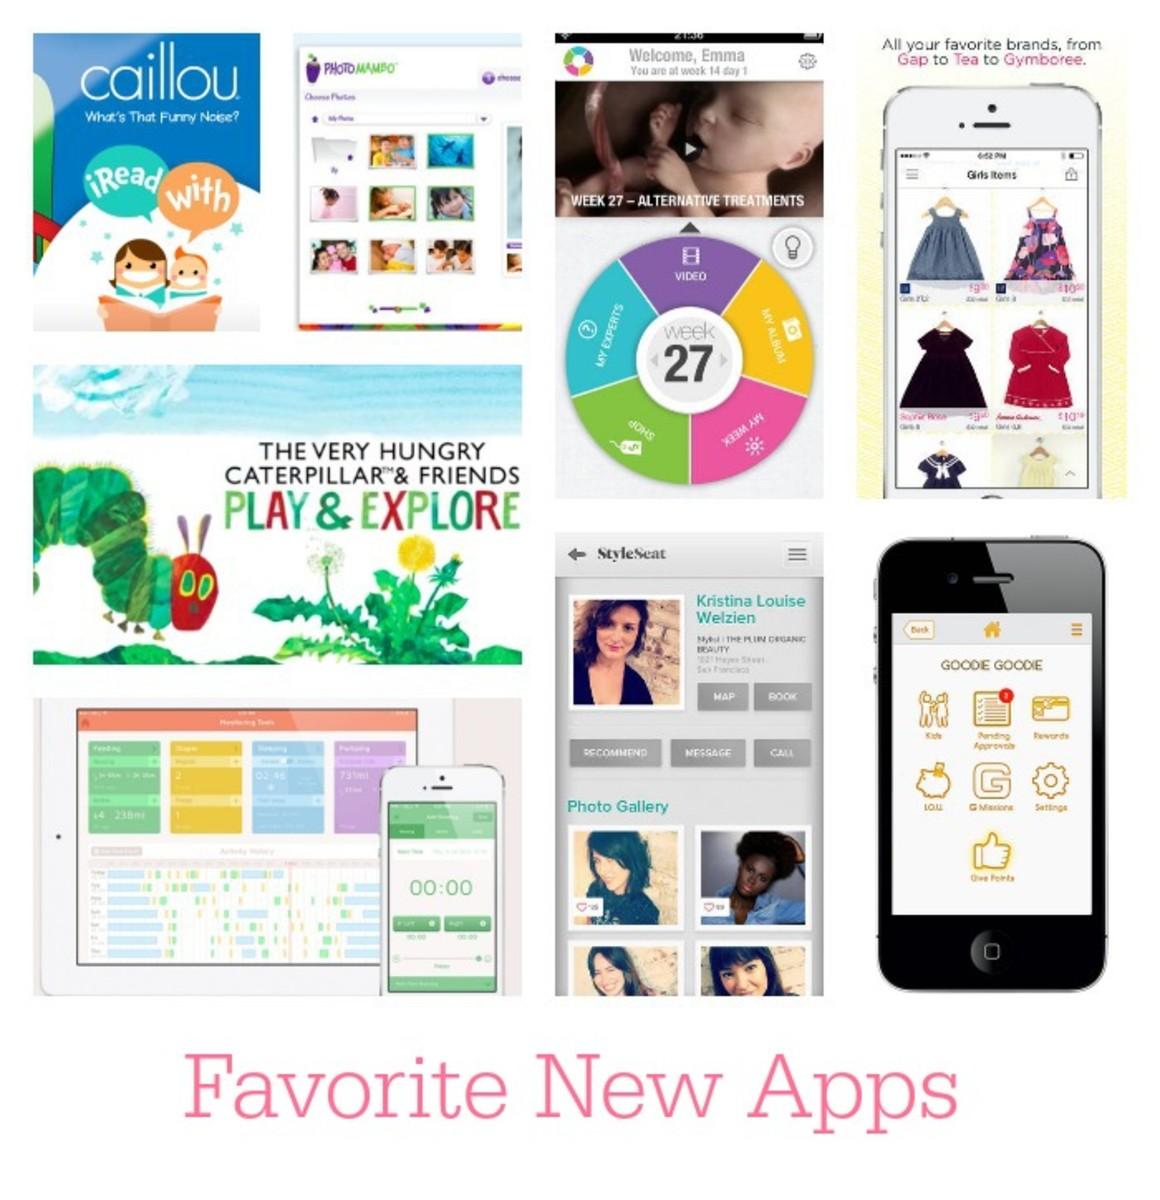 Favorite New Apps.jpg.jpg